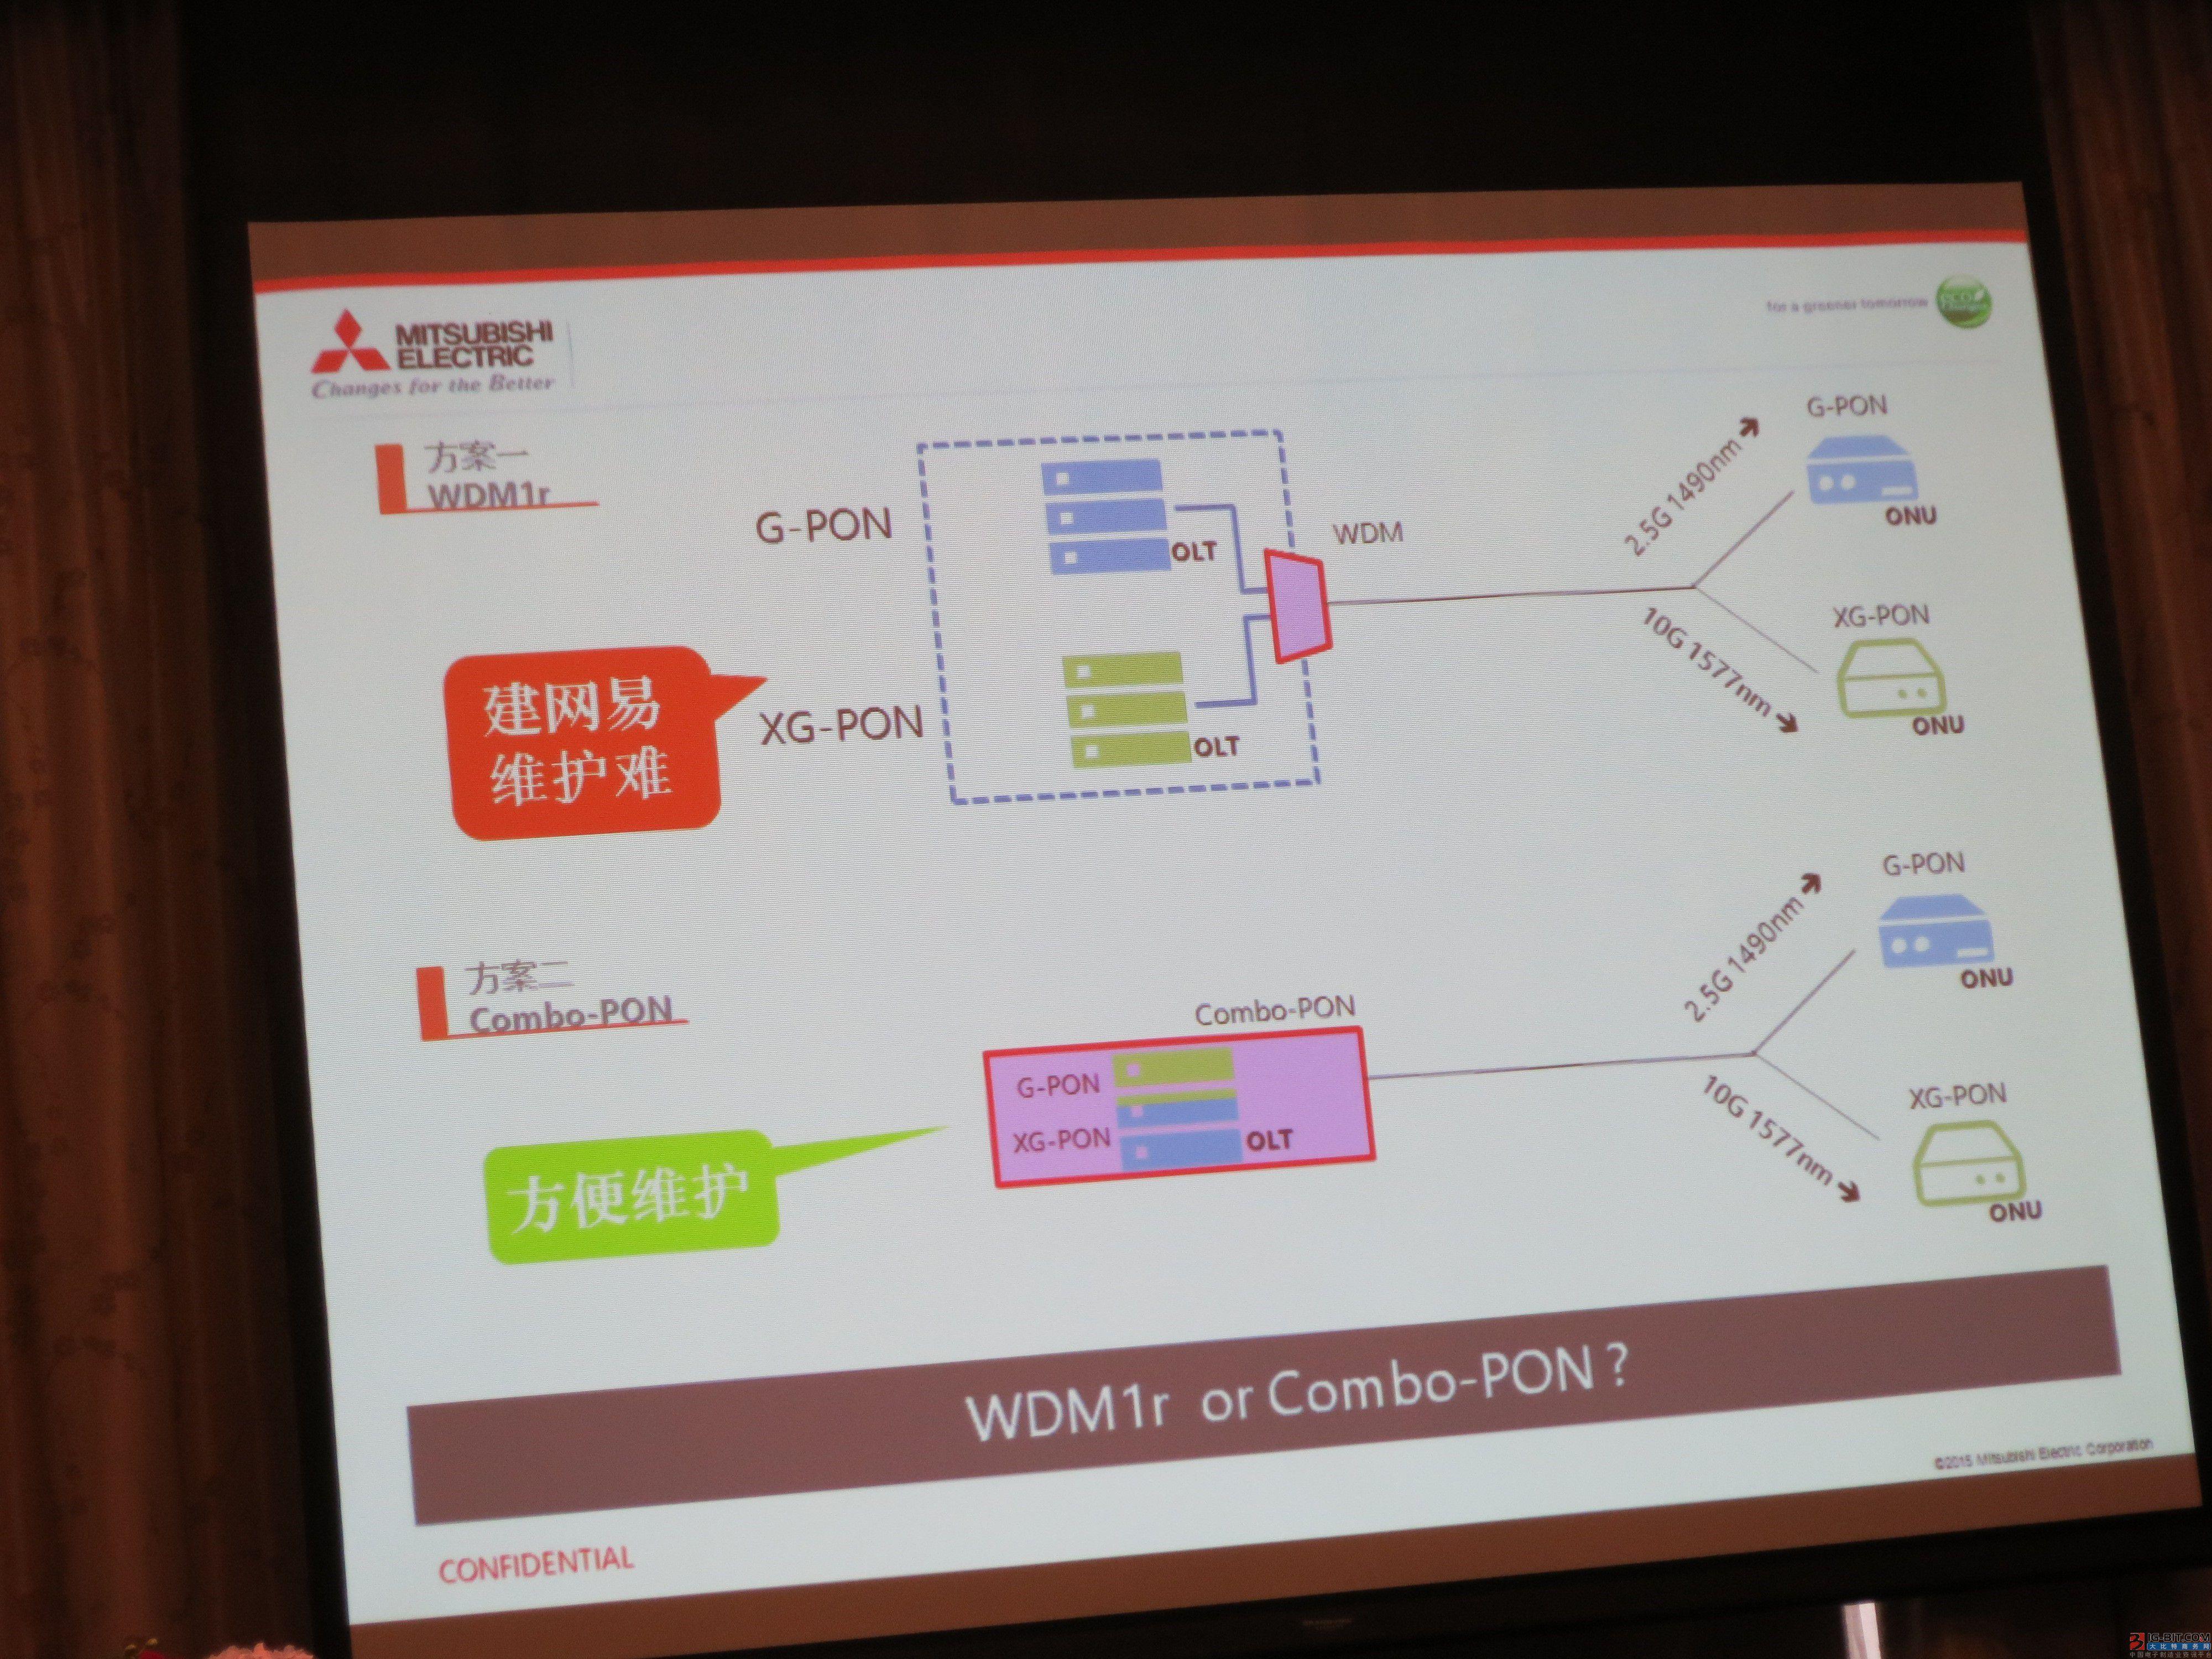 图7:目前正在探讨的两种解决方案WDM和Combo-PON。